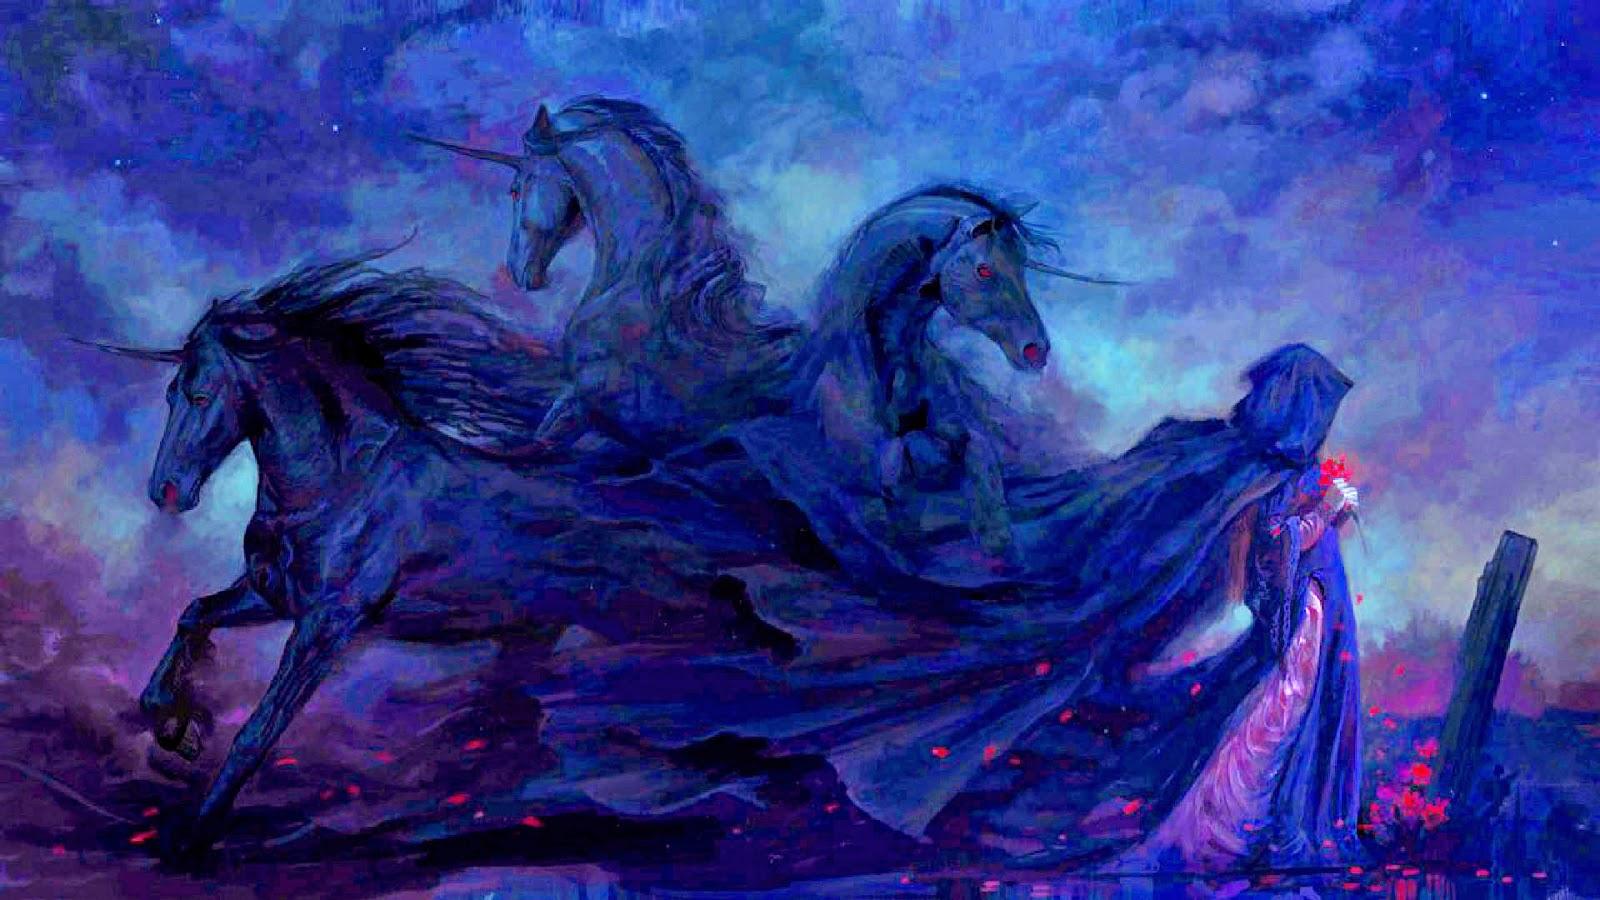 unicorns black bg theme 1920x1080 hd wallpaper jpg white unicorn